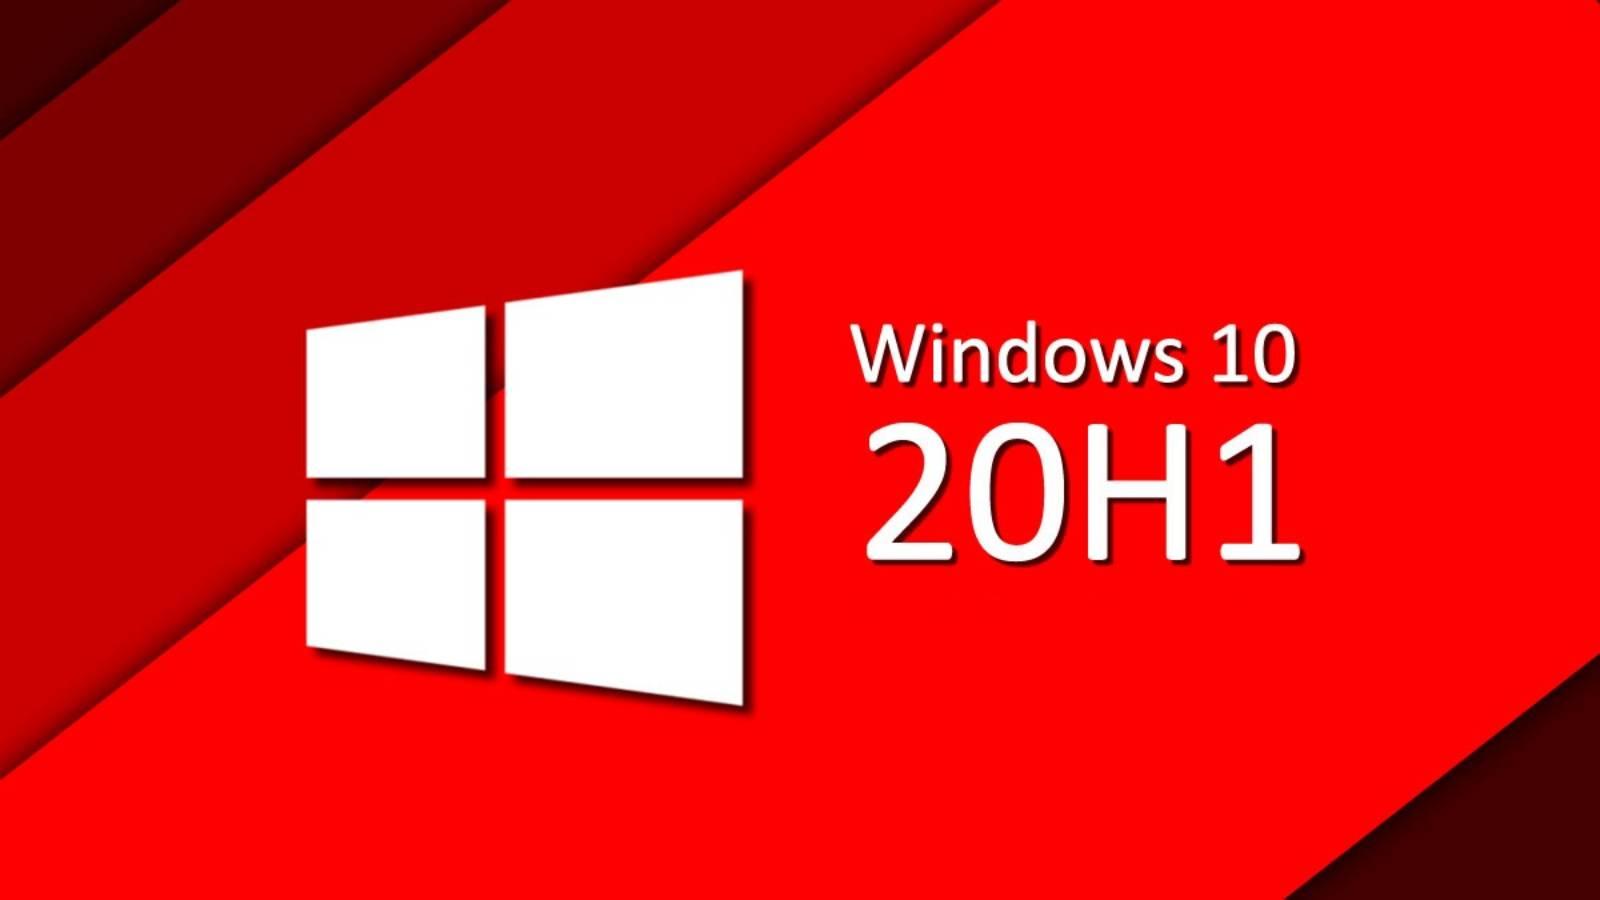 Windows 10 file search